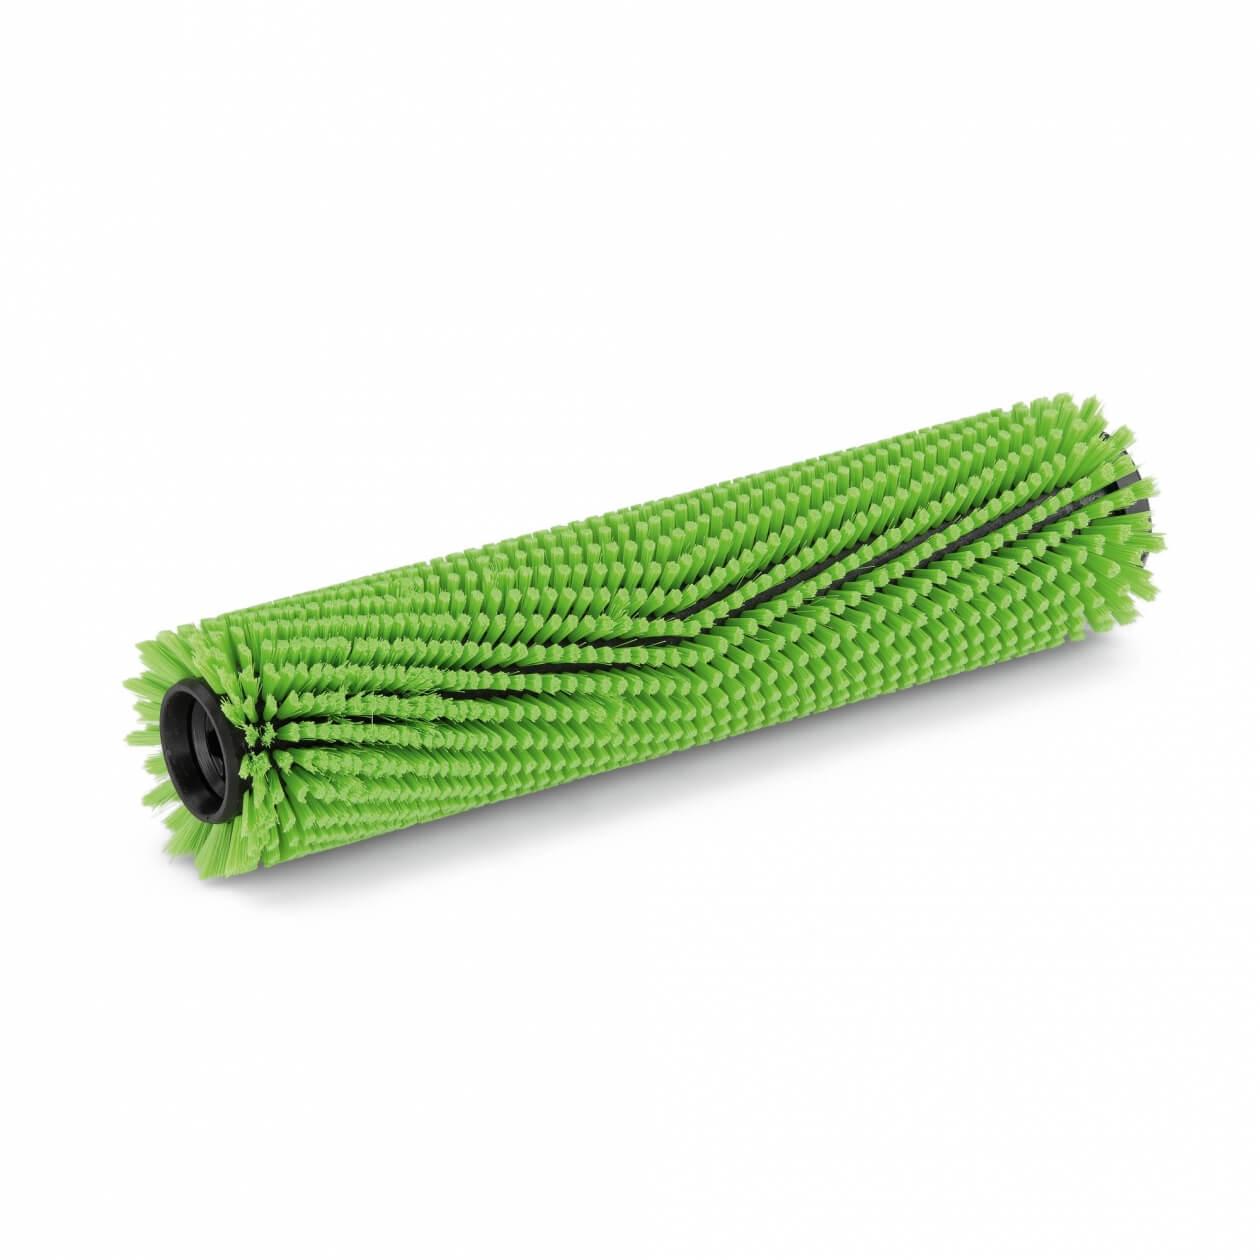 Image of   Kärcher, børstevalse, medium, grøn, 400 mm, til BR 40/10 C - 47620000